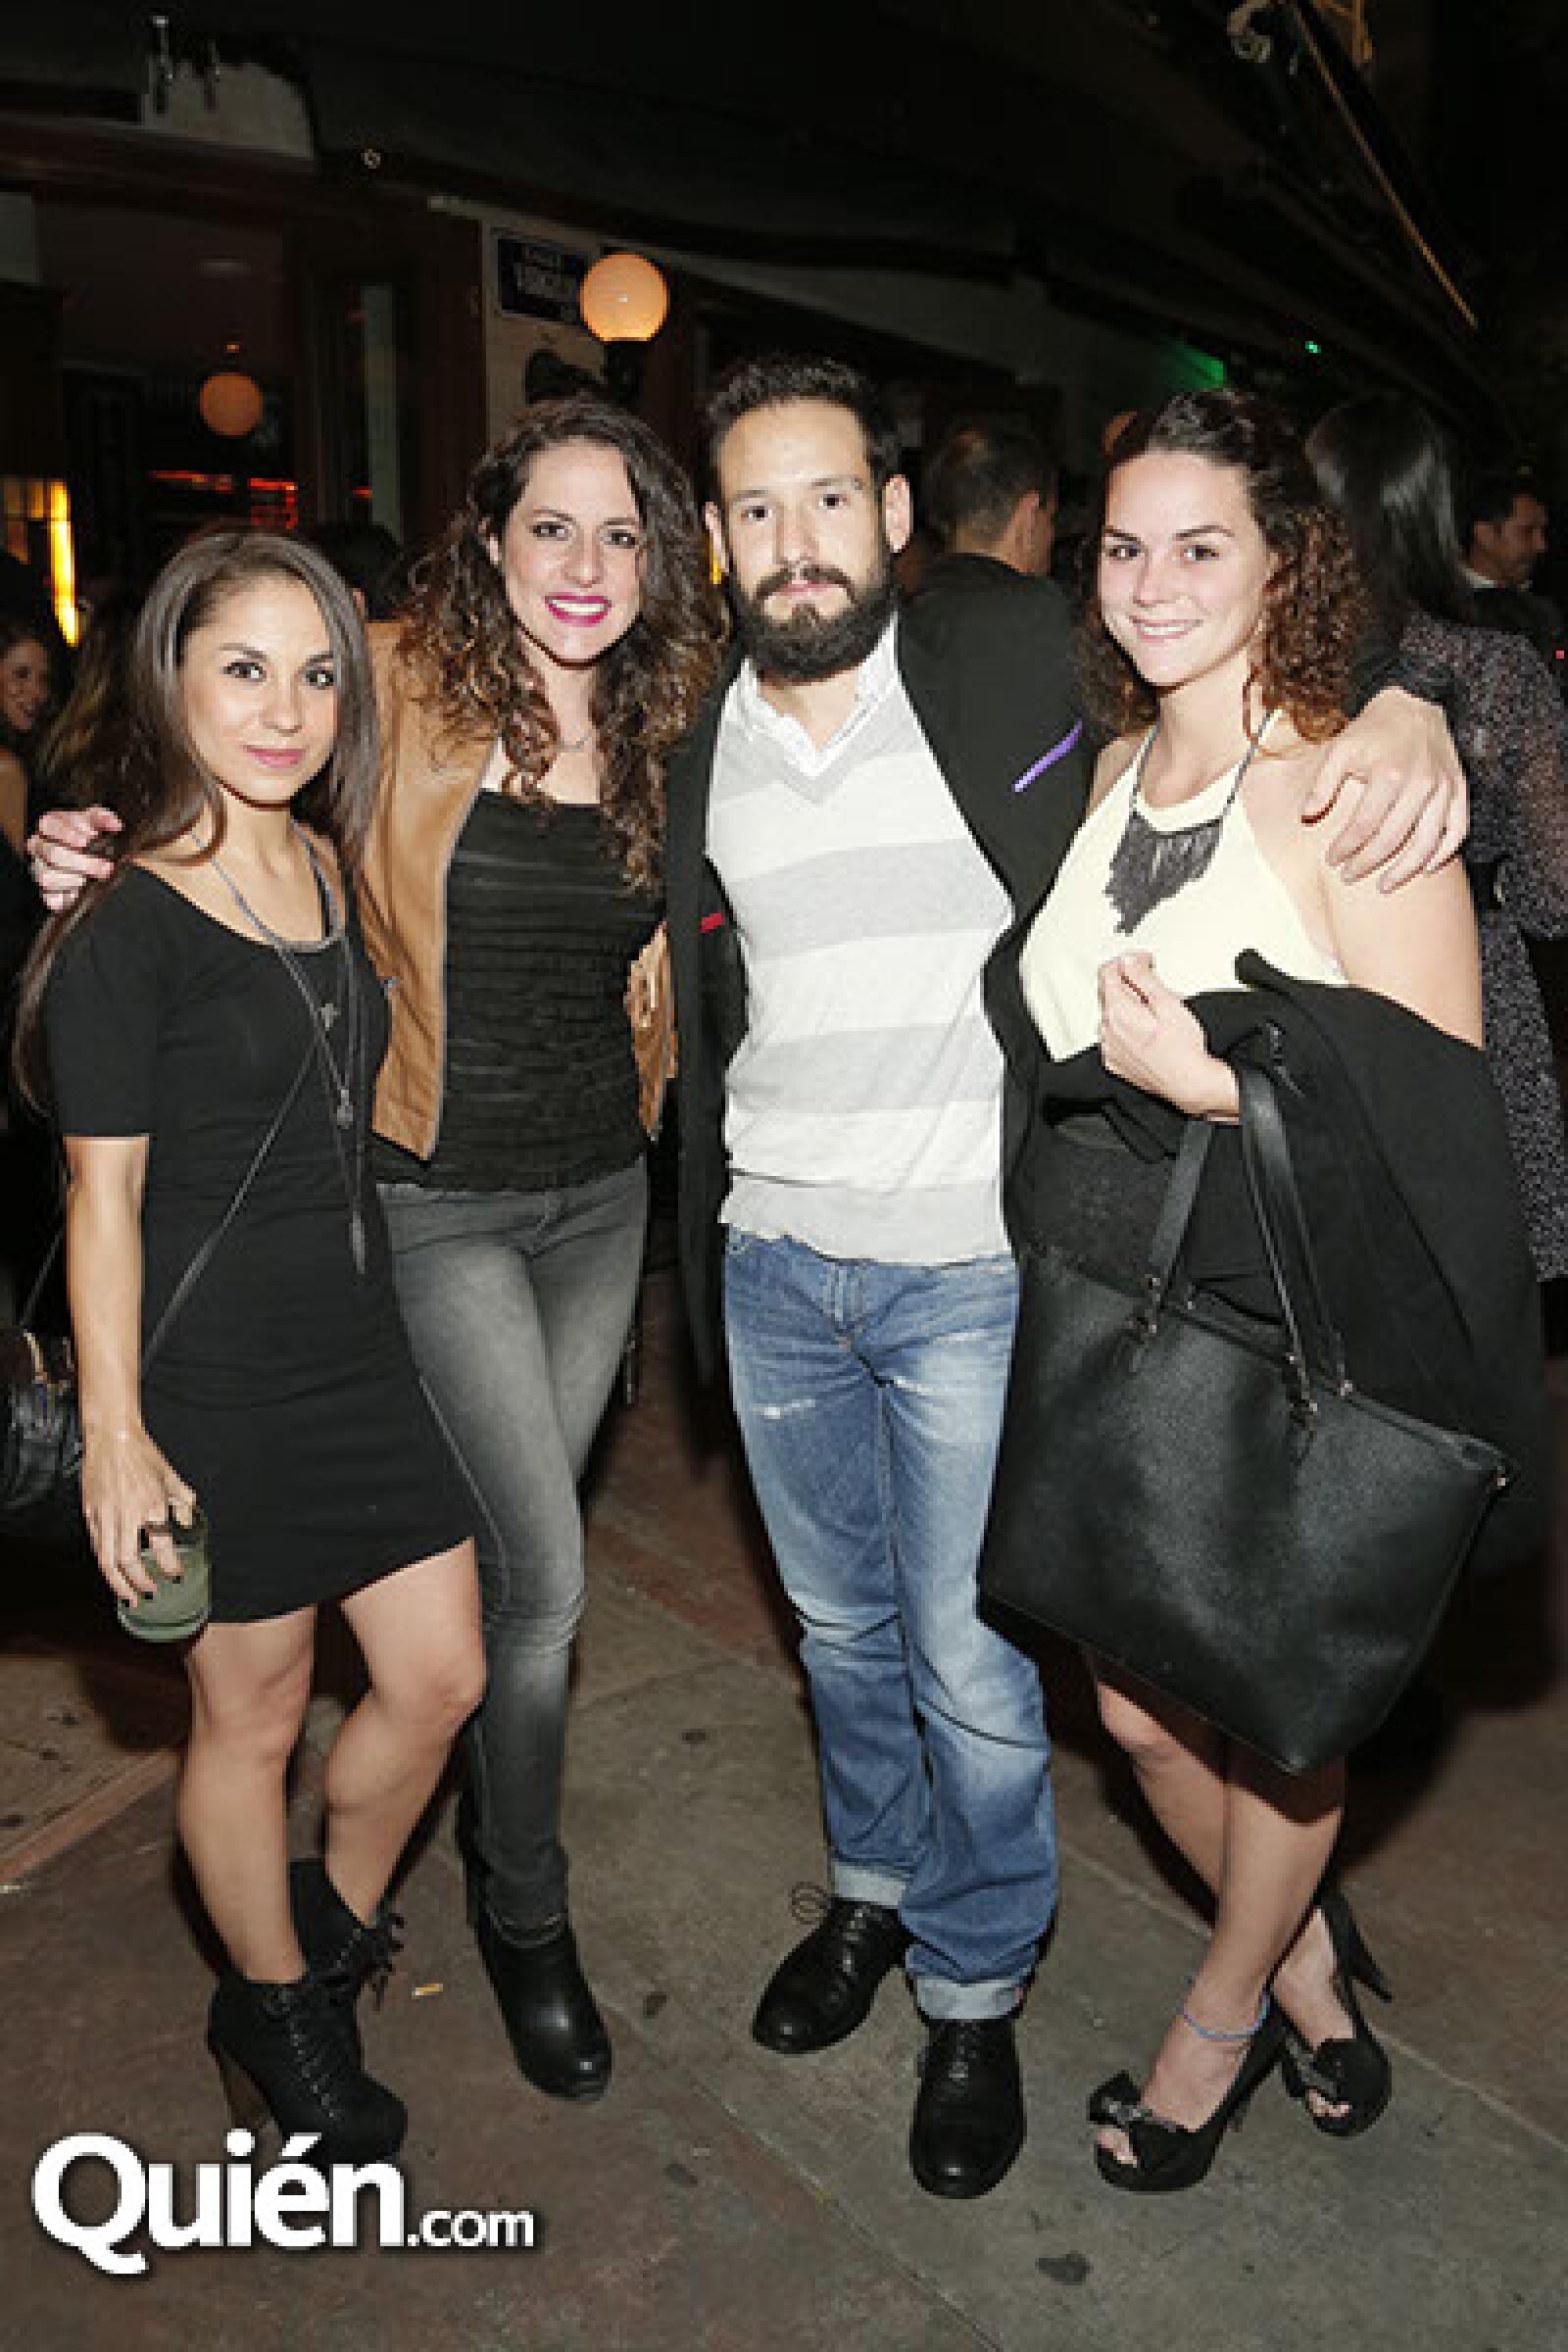 Marisol Lazo, Paola Carranza, Ceff Baca y María Silva